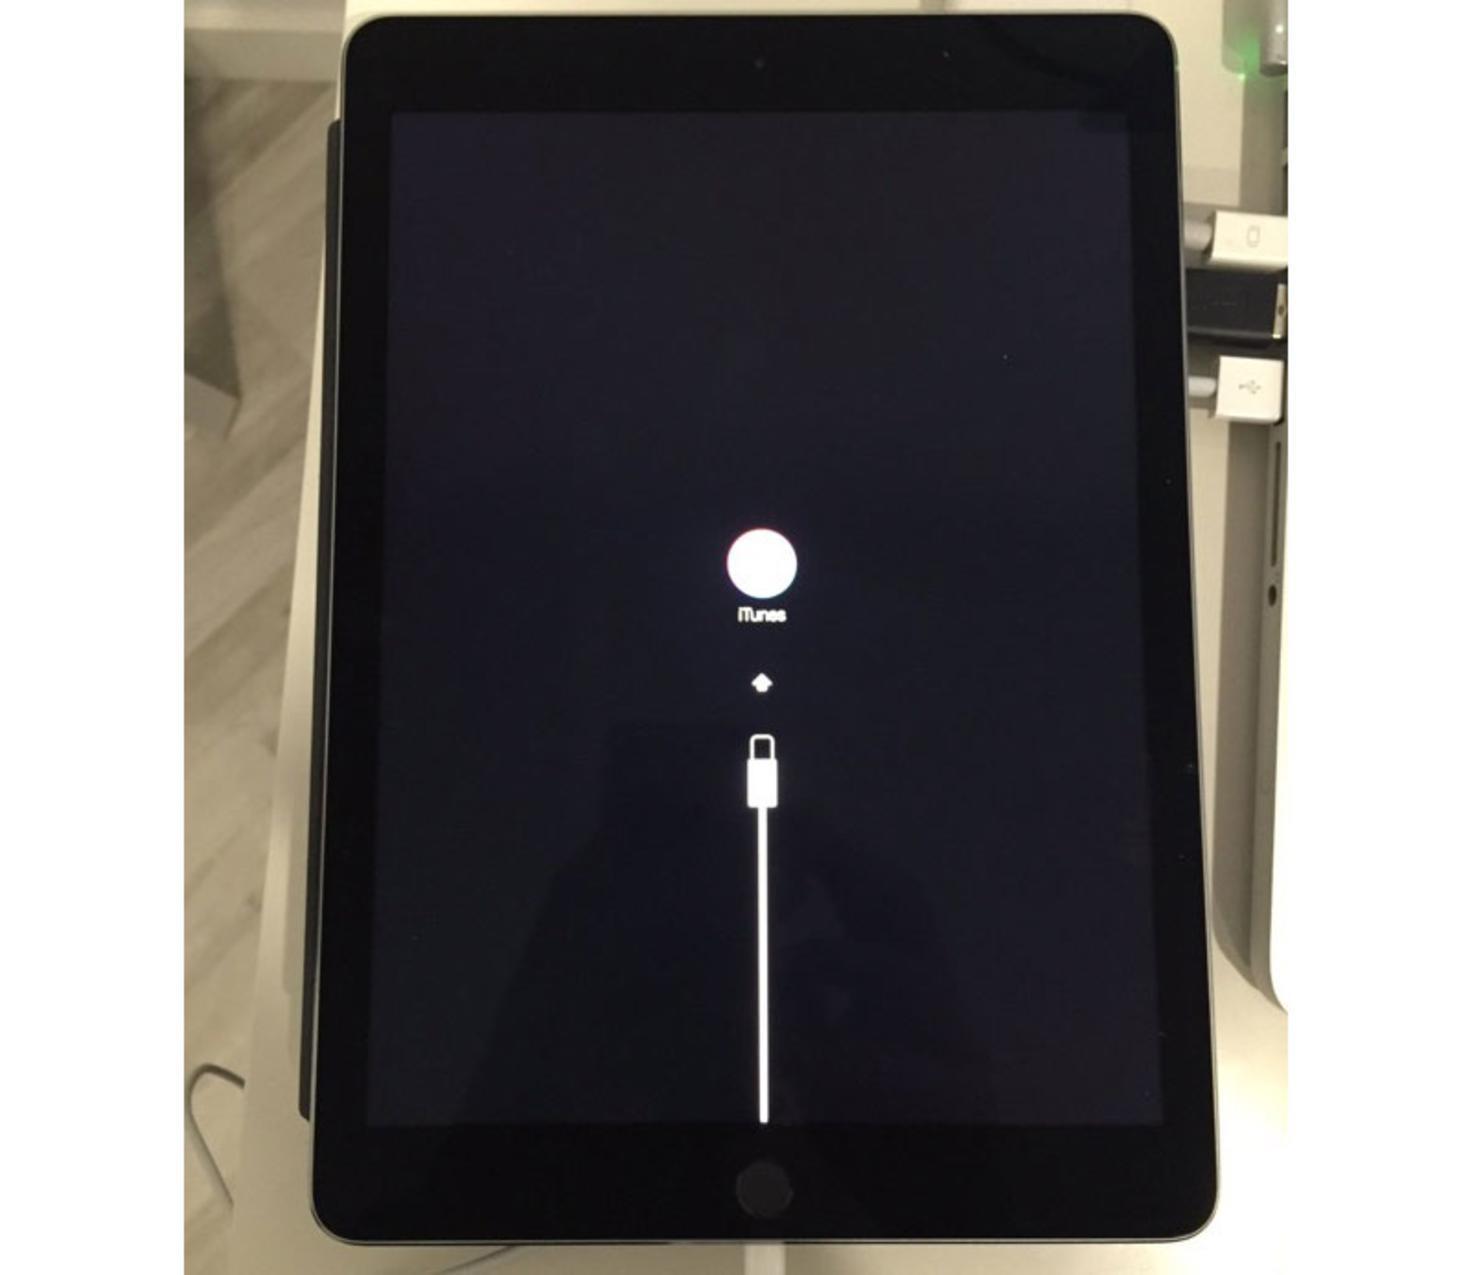 iPad-Broke